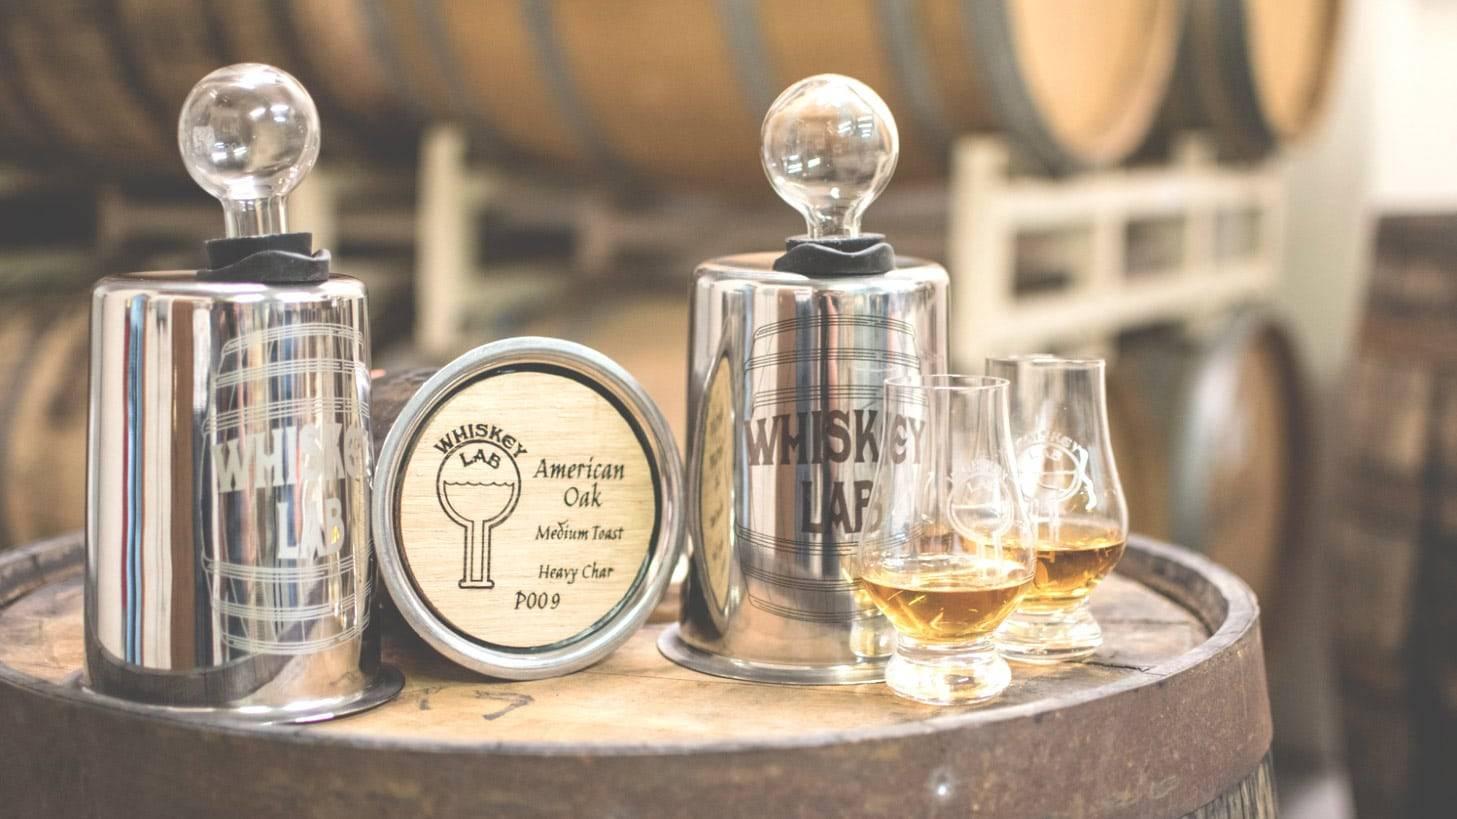 Whiskey Lab